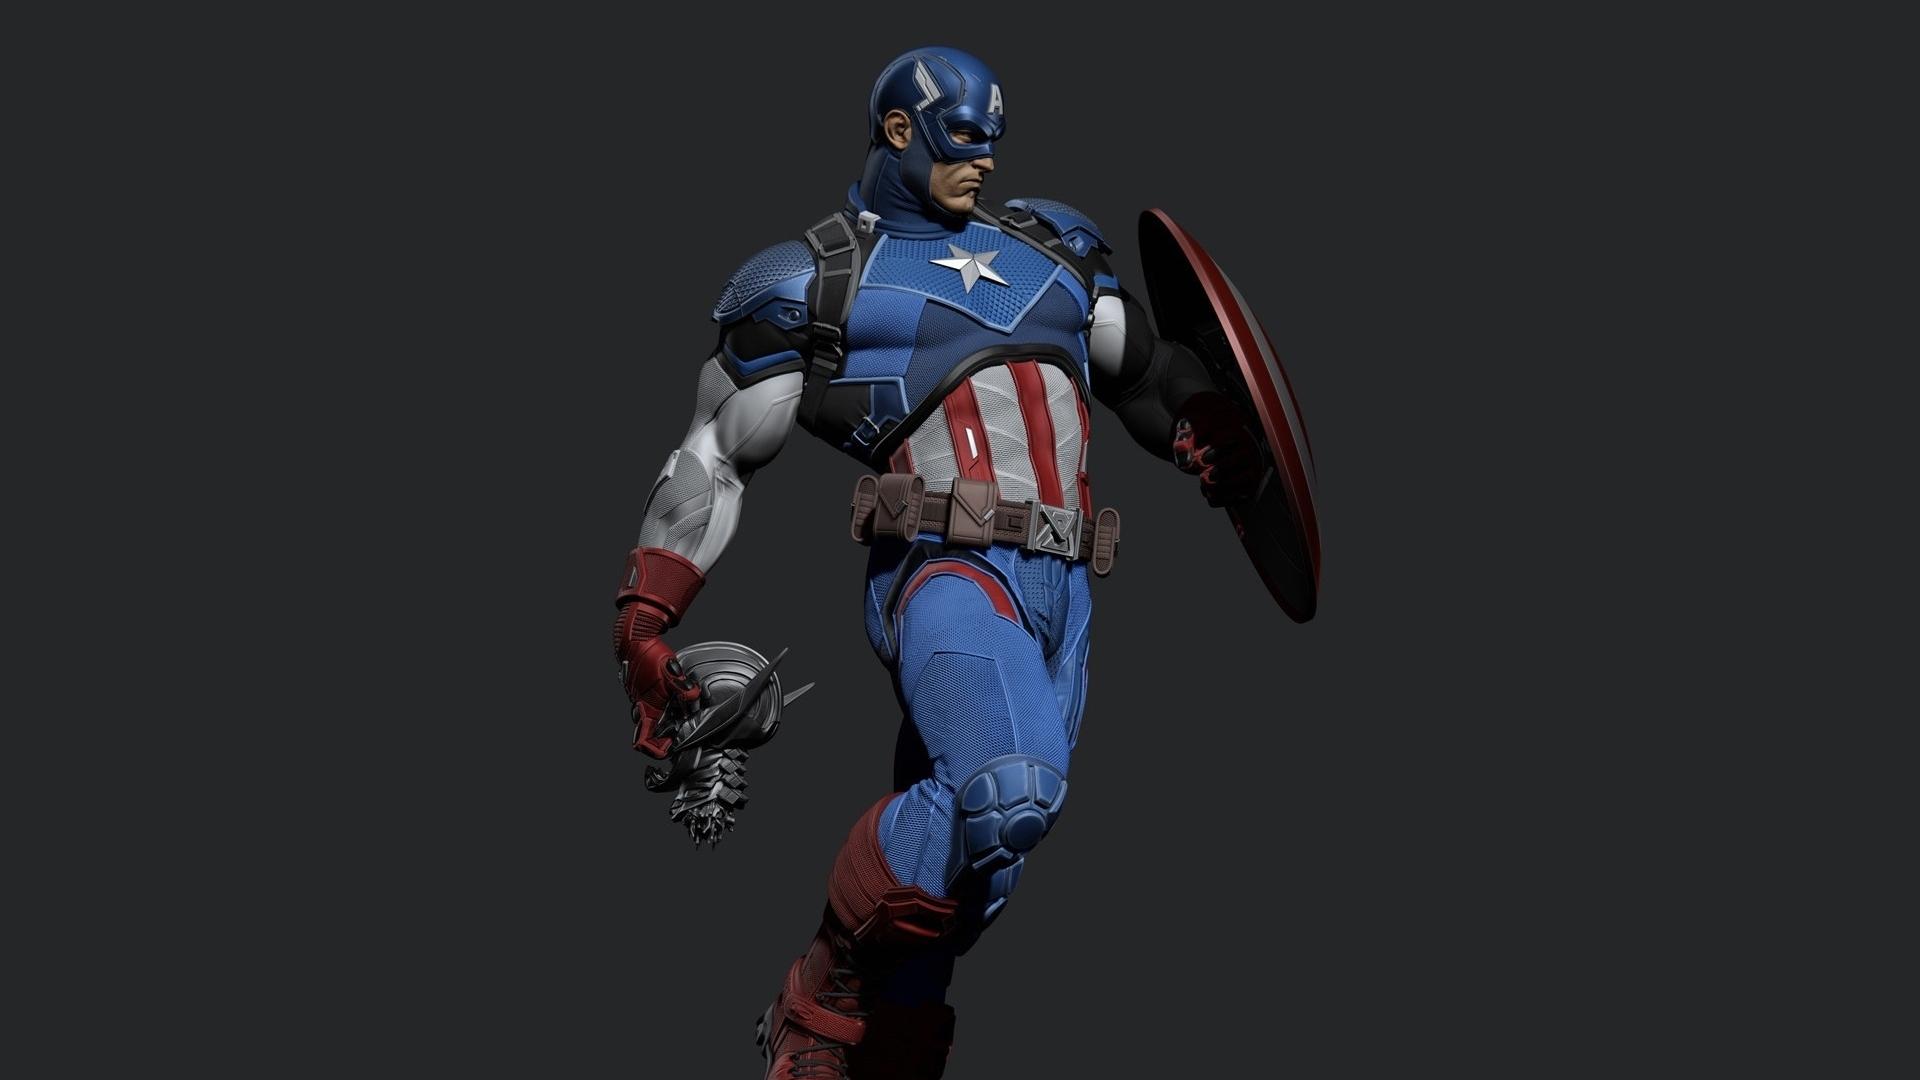 Download 1920x1080 Wallpaper Captain America Artwork 2018 Full Hd